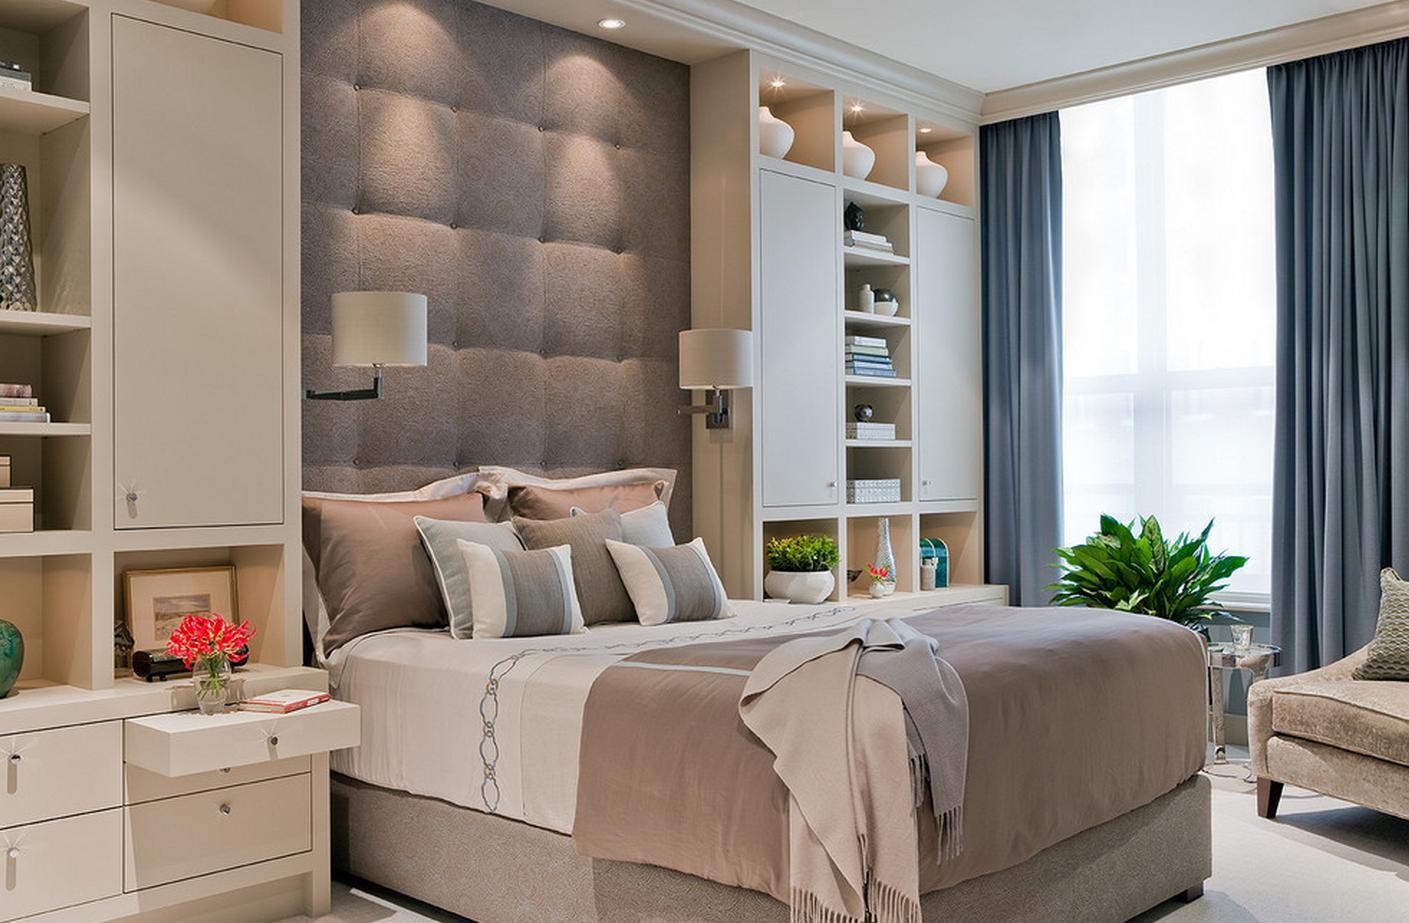 Вариант расстановки мебели в спальне 12 кв м